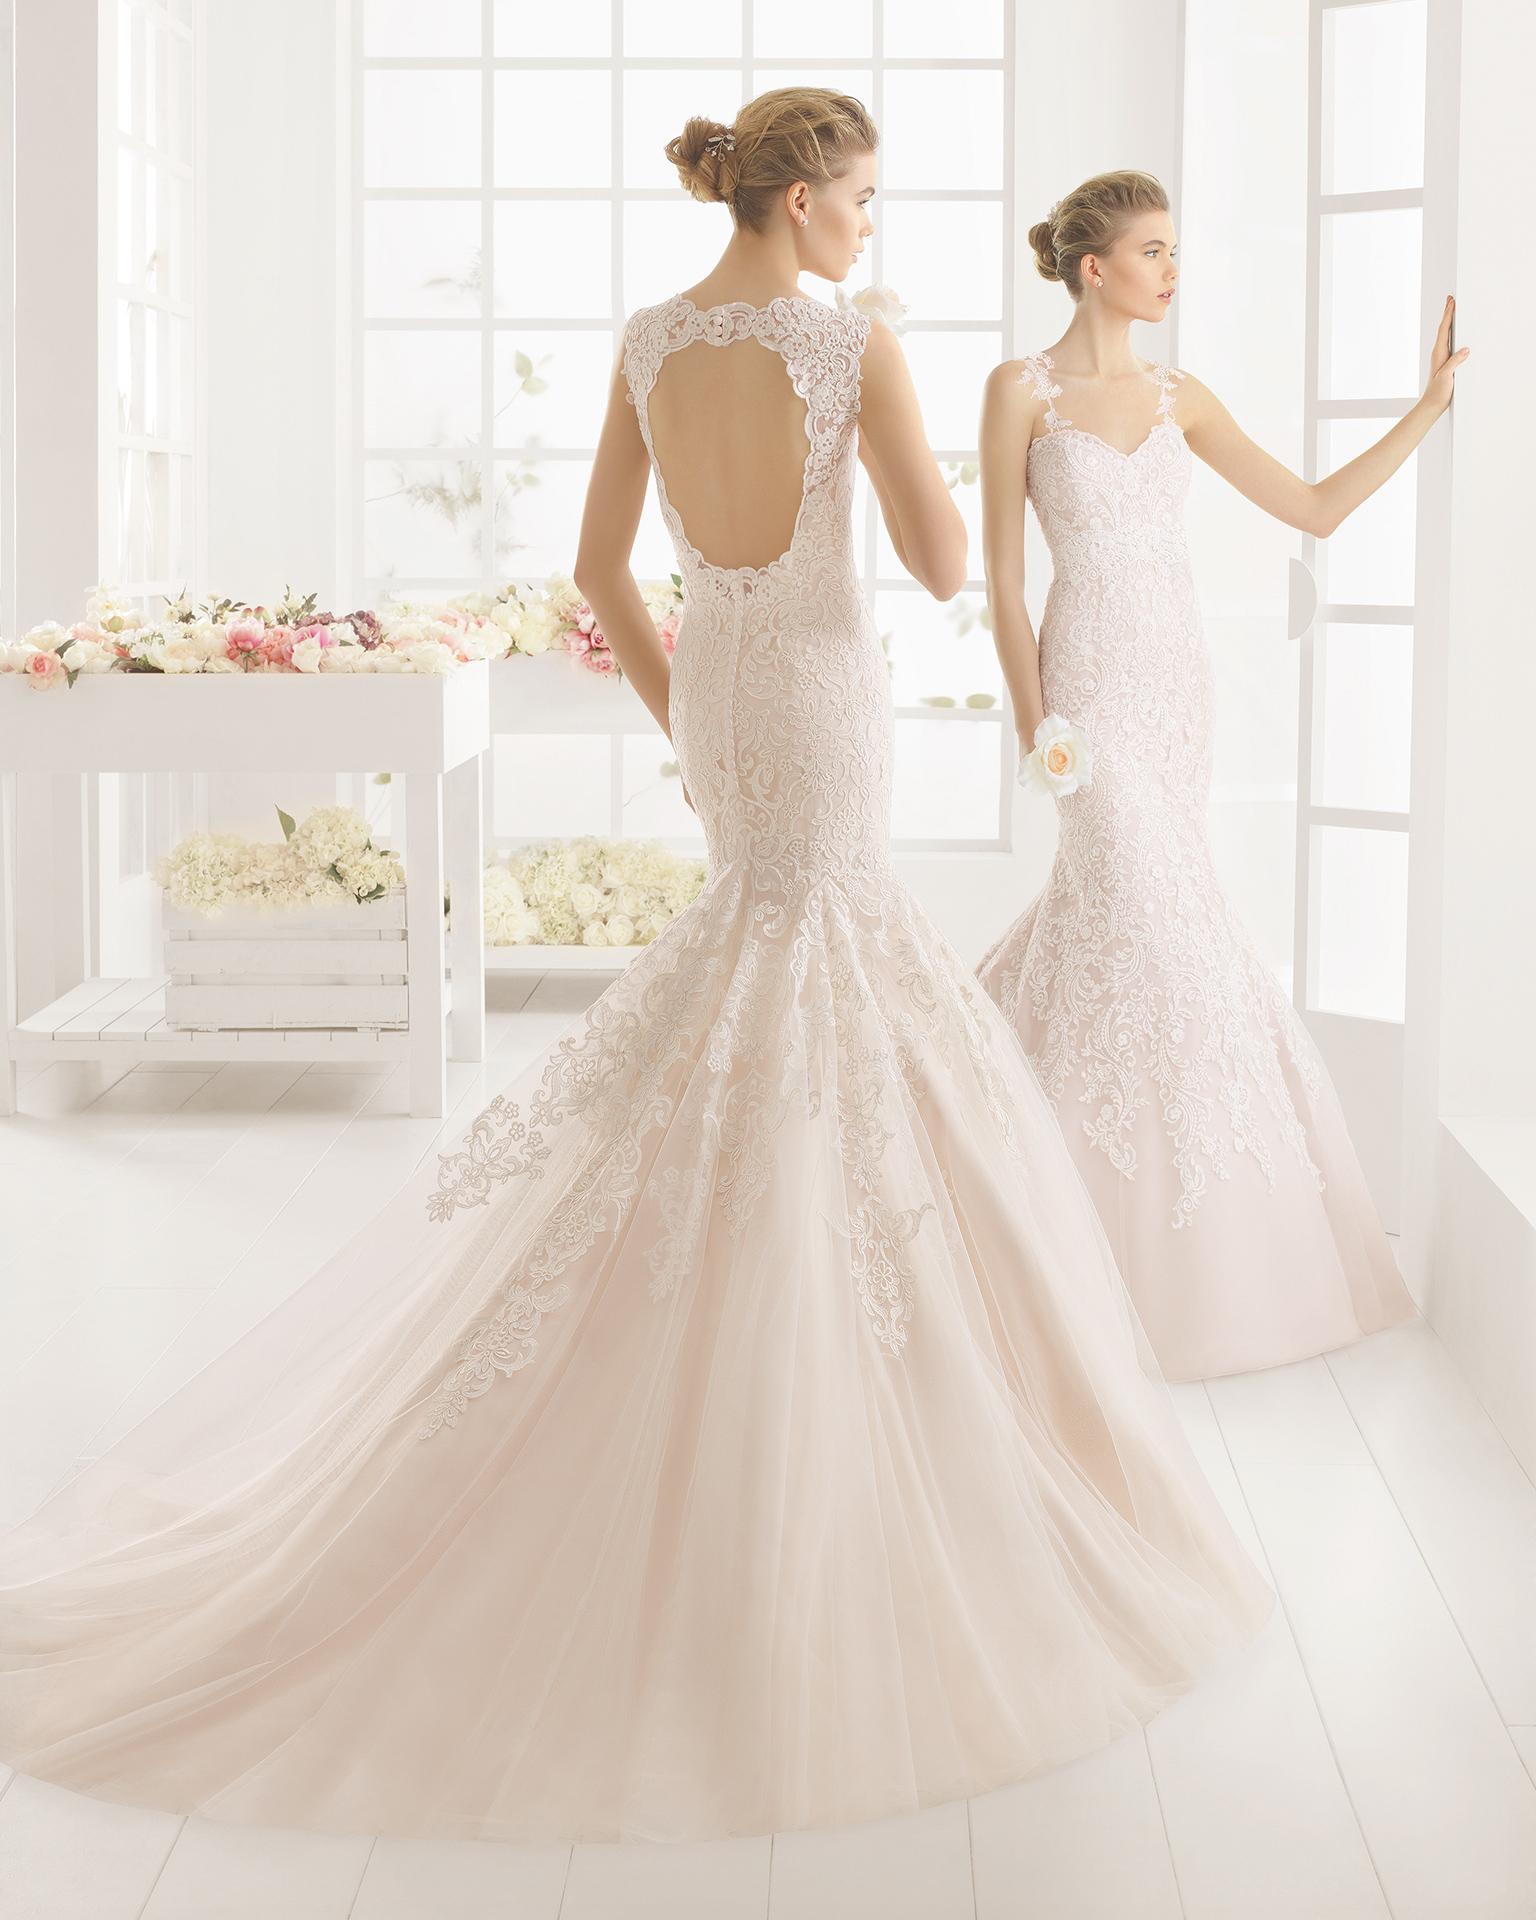 MATILDE Hochzeitskleid aus Spitze.